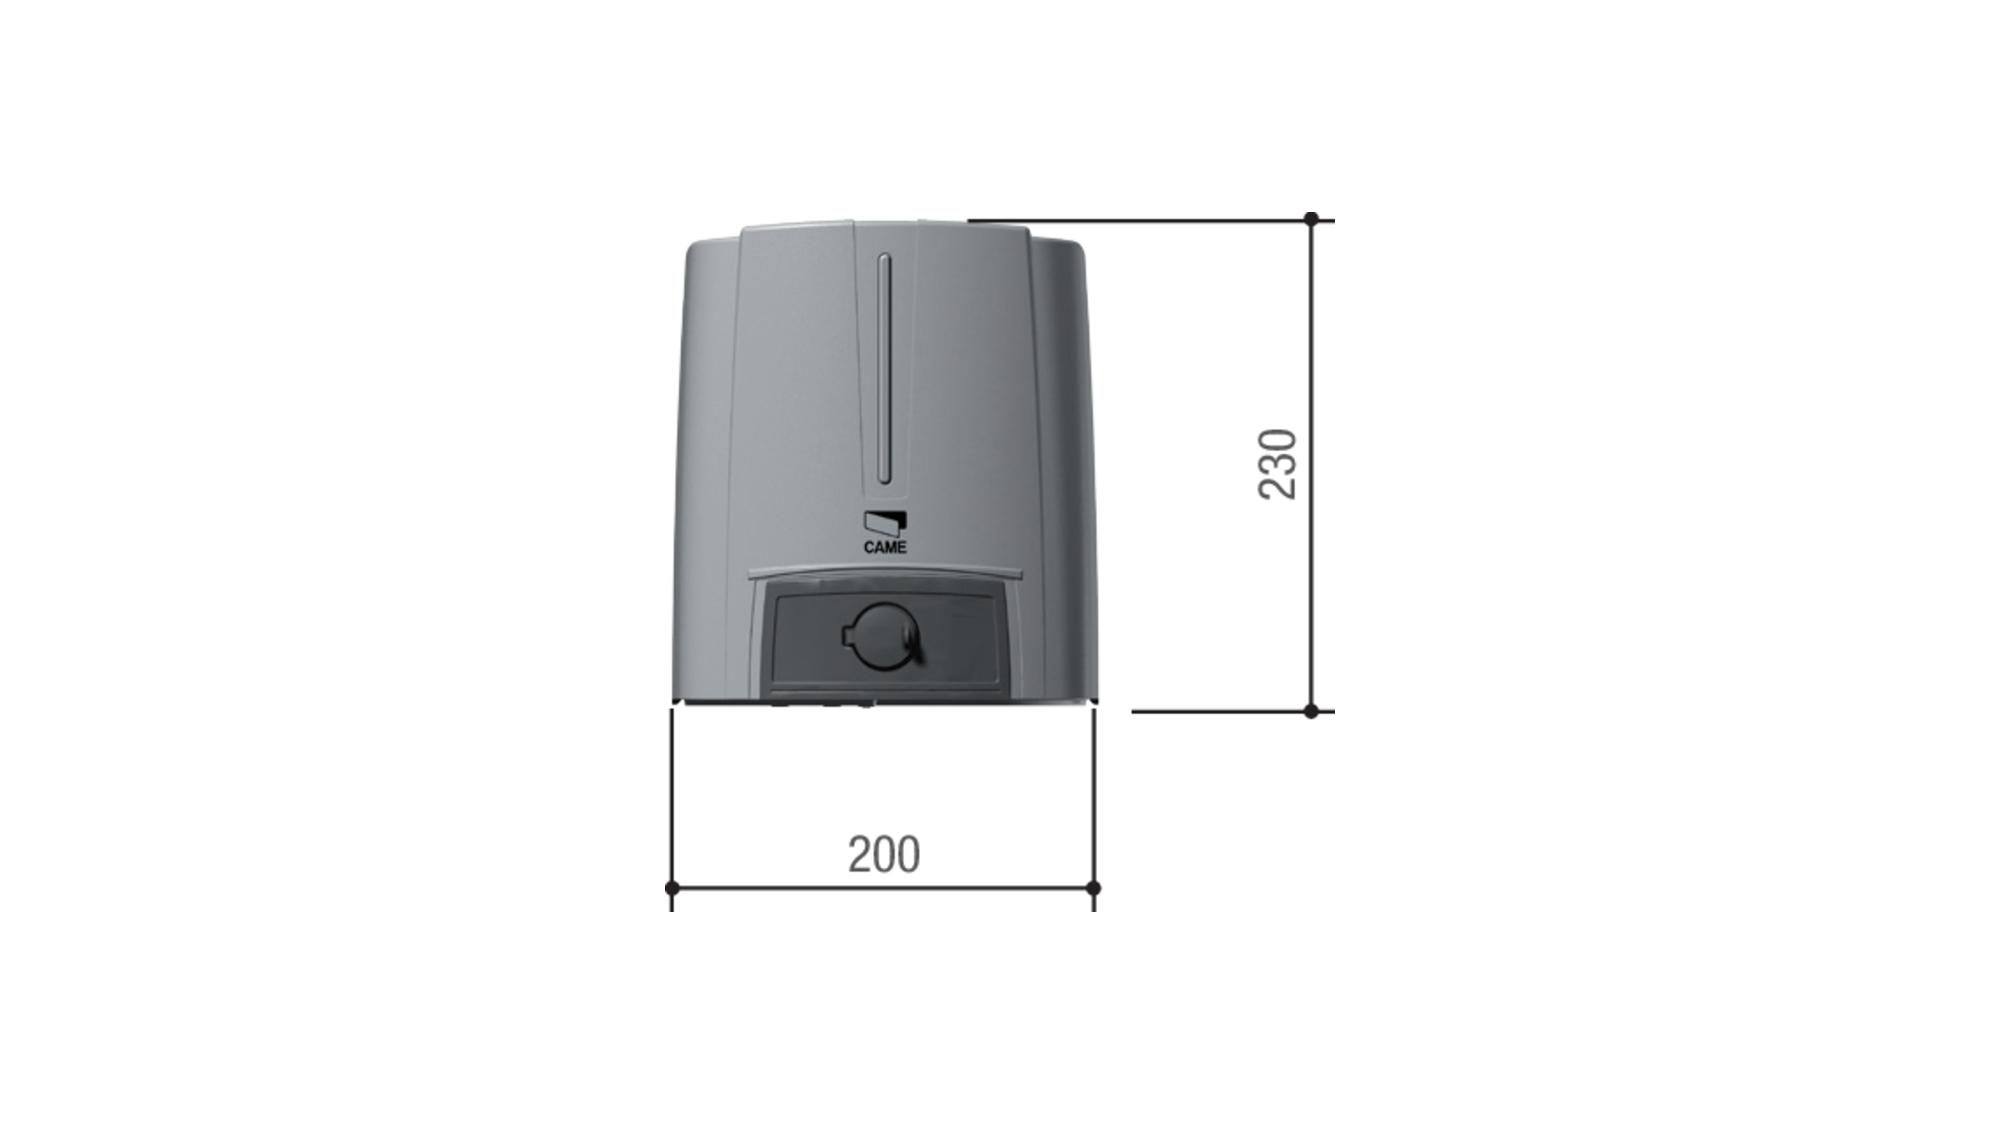 Привод CAME FA70230CB — 230 В рычажный, самоблокирующийся с шарнирным рычагом передачи и встроенным блоком управления ZF1, для распашных ворот с широкими колоннами